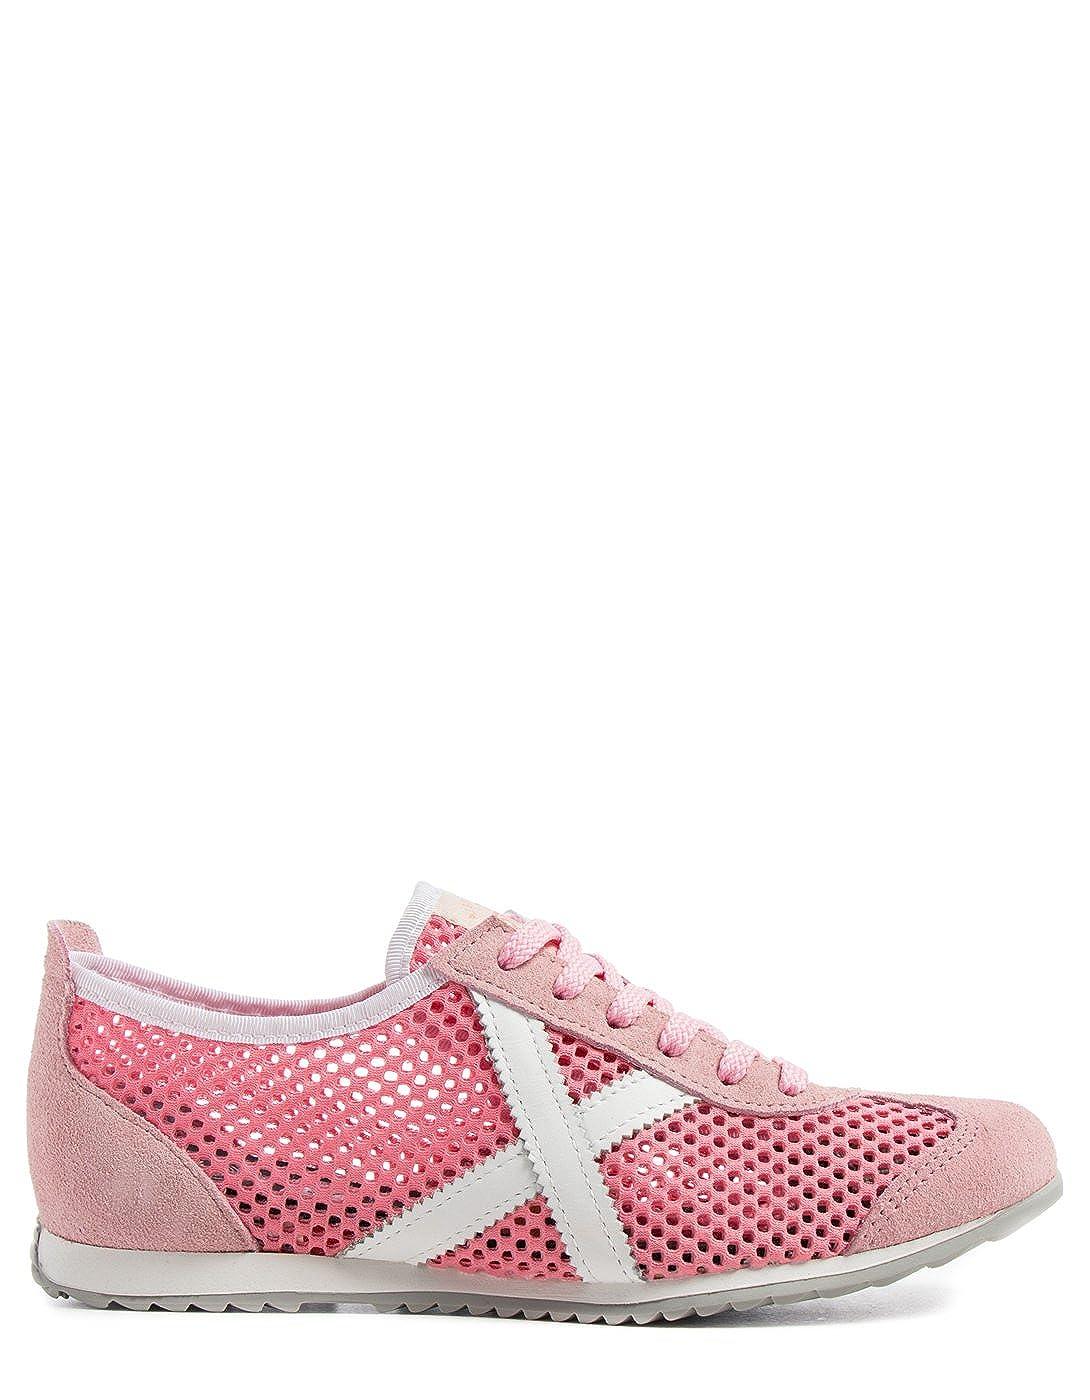 Munich Pink Sneakers Sneakers Sneakers Osaka 252 Pink aeeebd